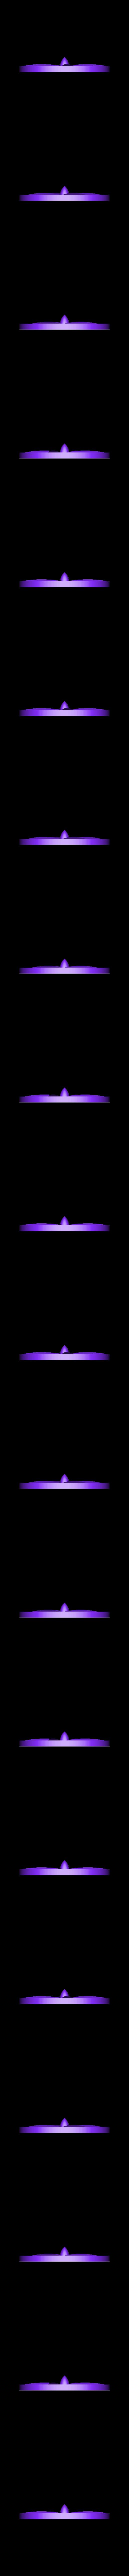 Proppv2.stl Télécharger fichier STL gratuit Propeller launcher • Design à imprimer en 3D, BEEVERYCREATIVE